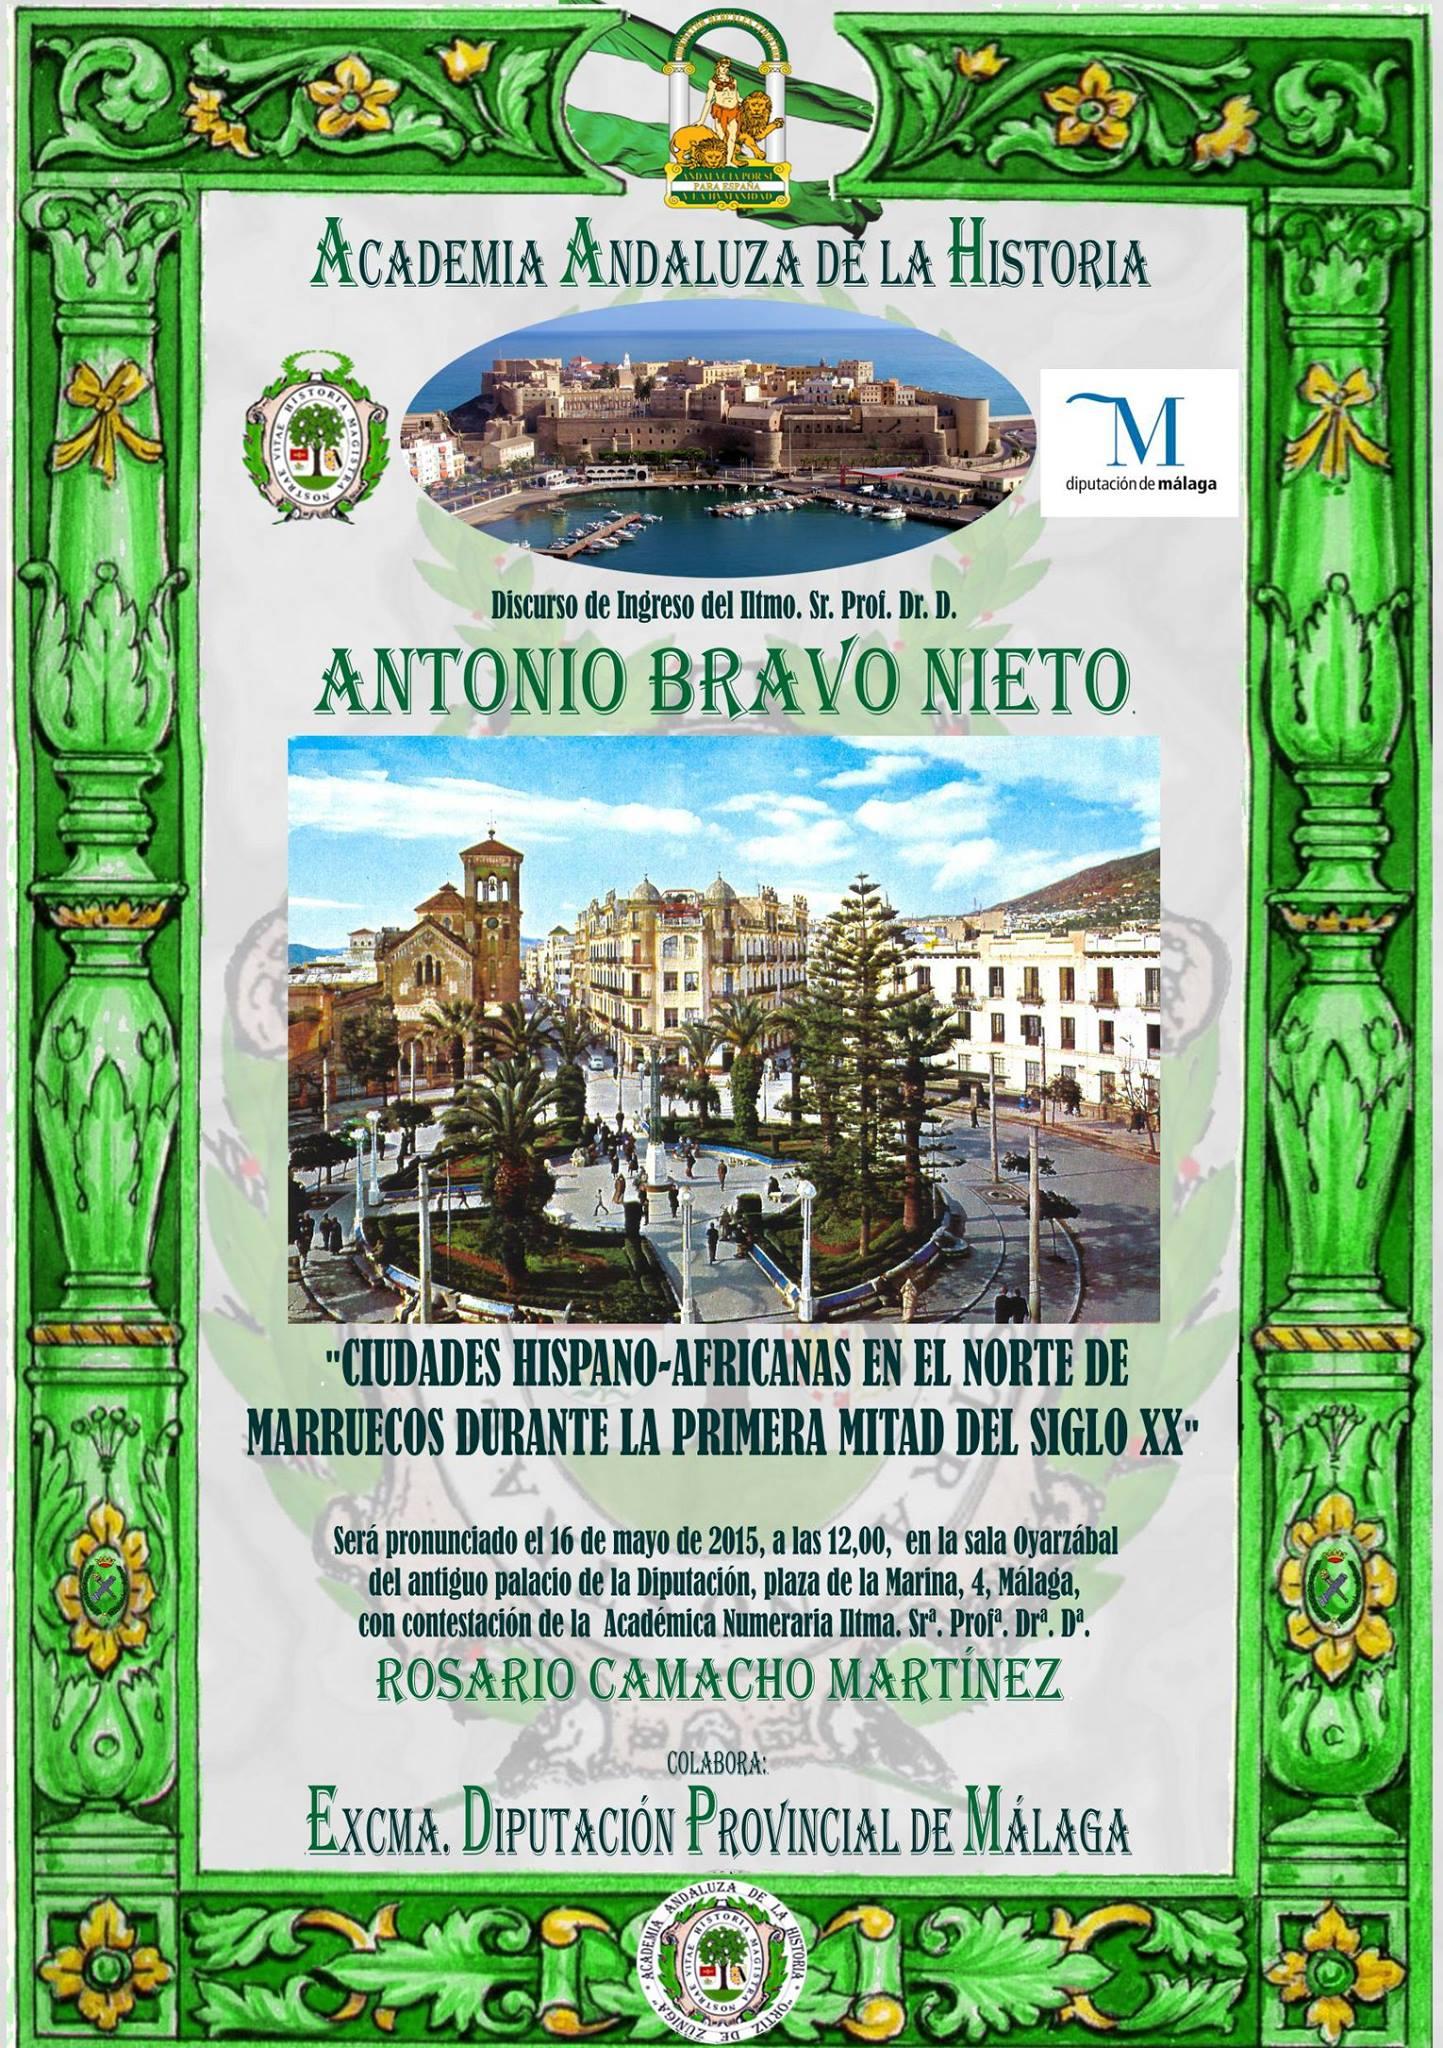 Antonio Bravo ingreso Academia de la Historia